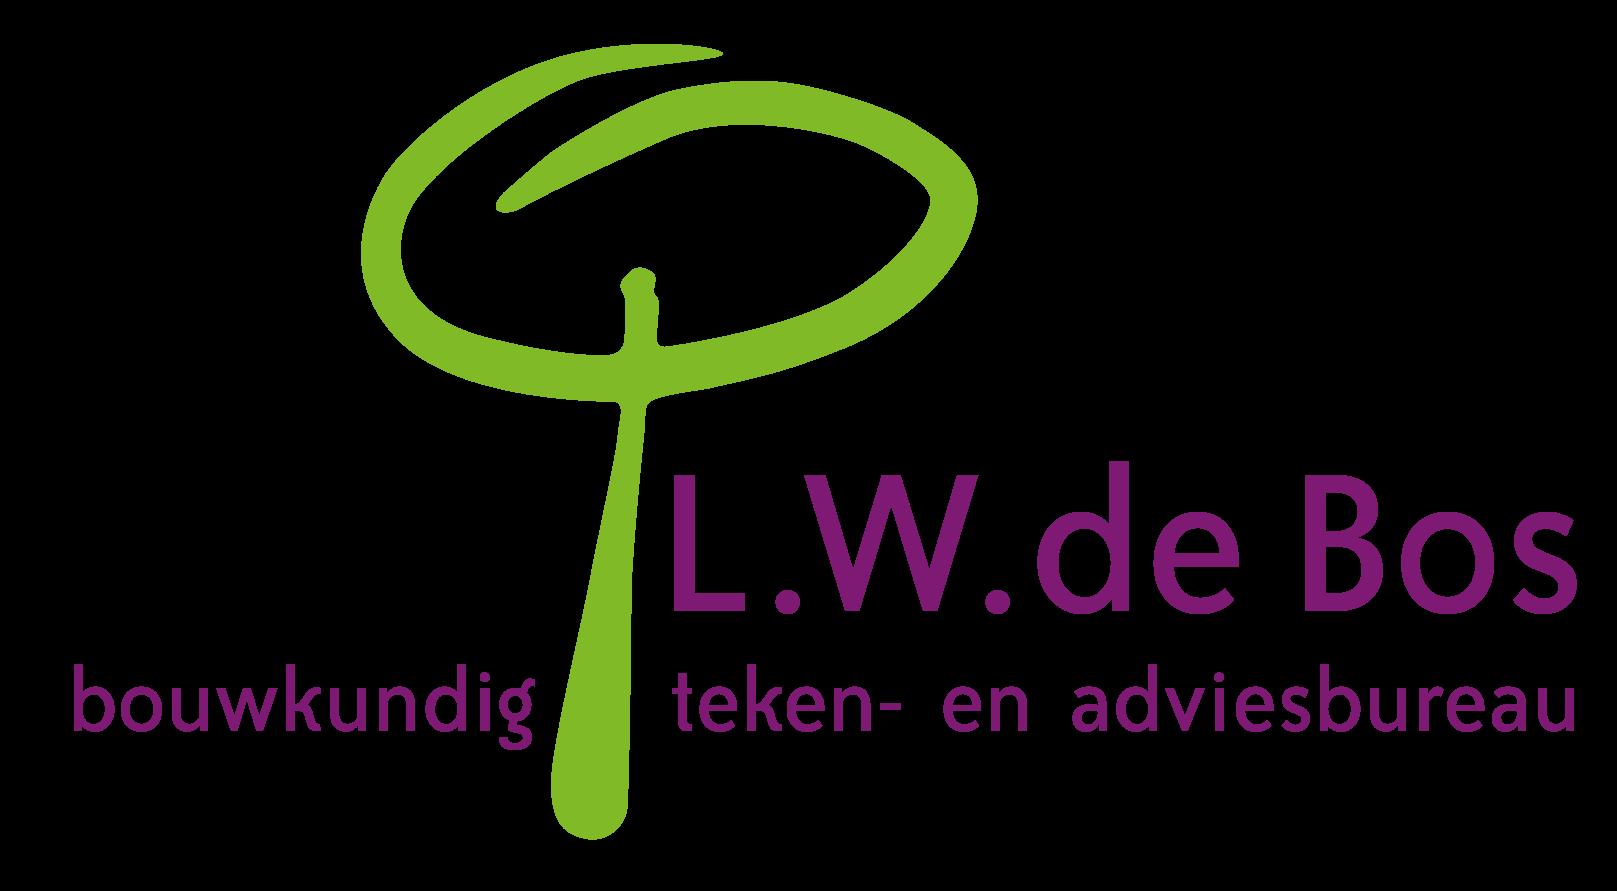 L.W. de Bos